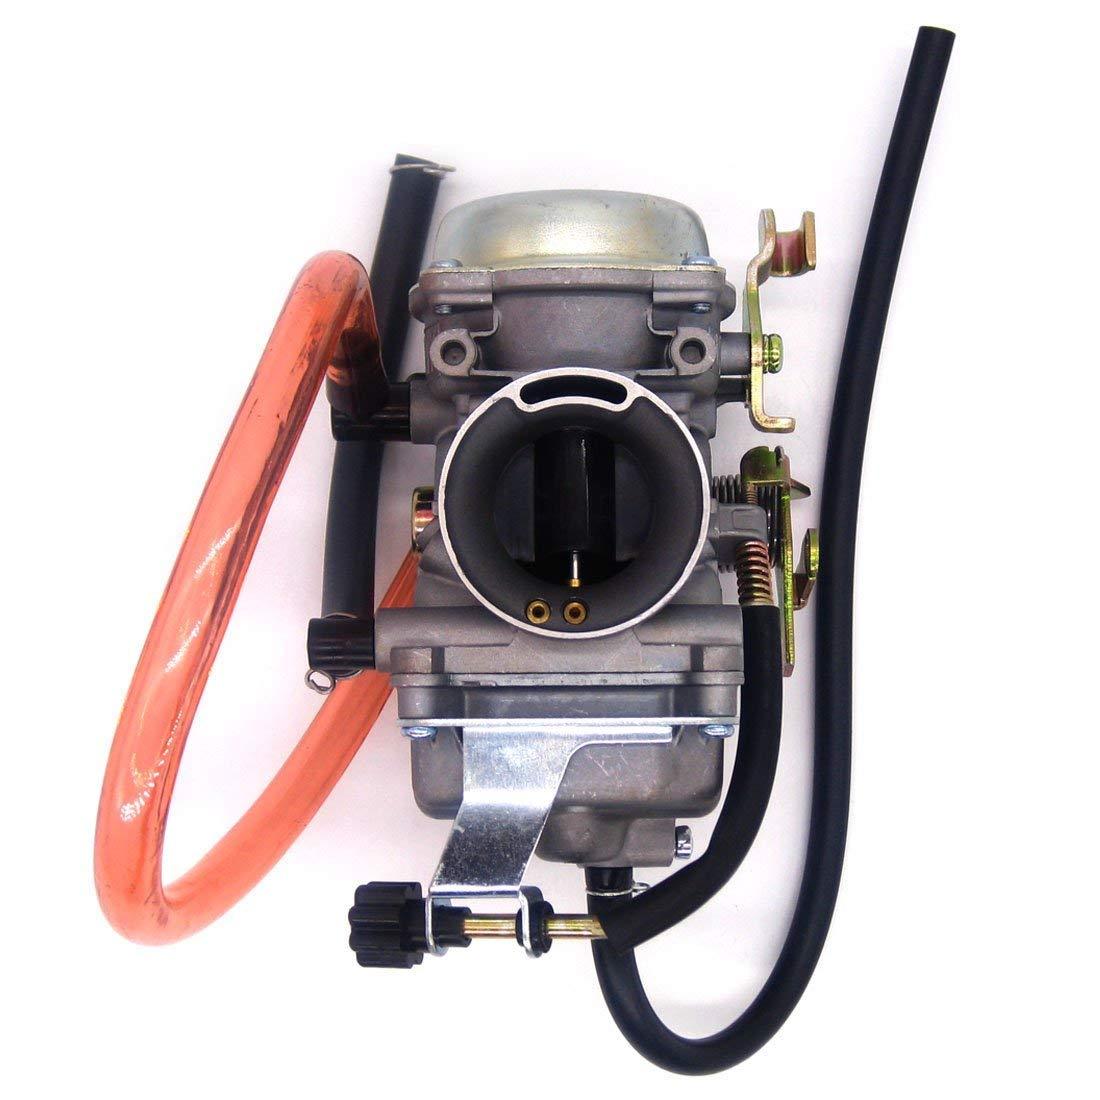 NIMTEK Carburetor For KAWASAKI KLF 300 1986-1995 1996-2005 BAYOU Carby ATV Carb